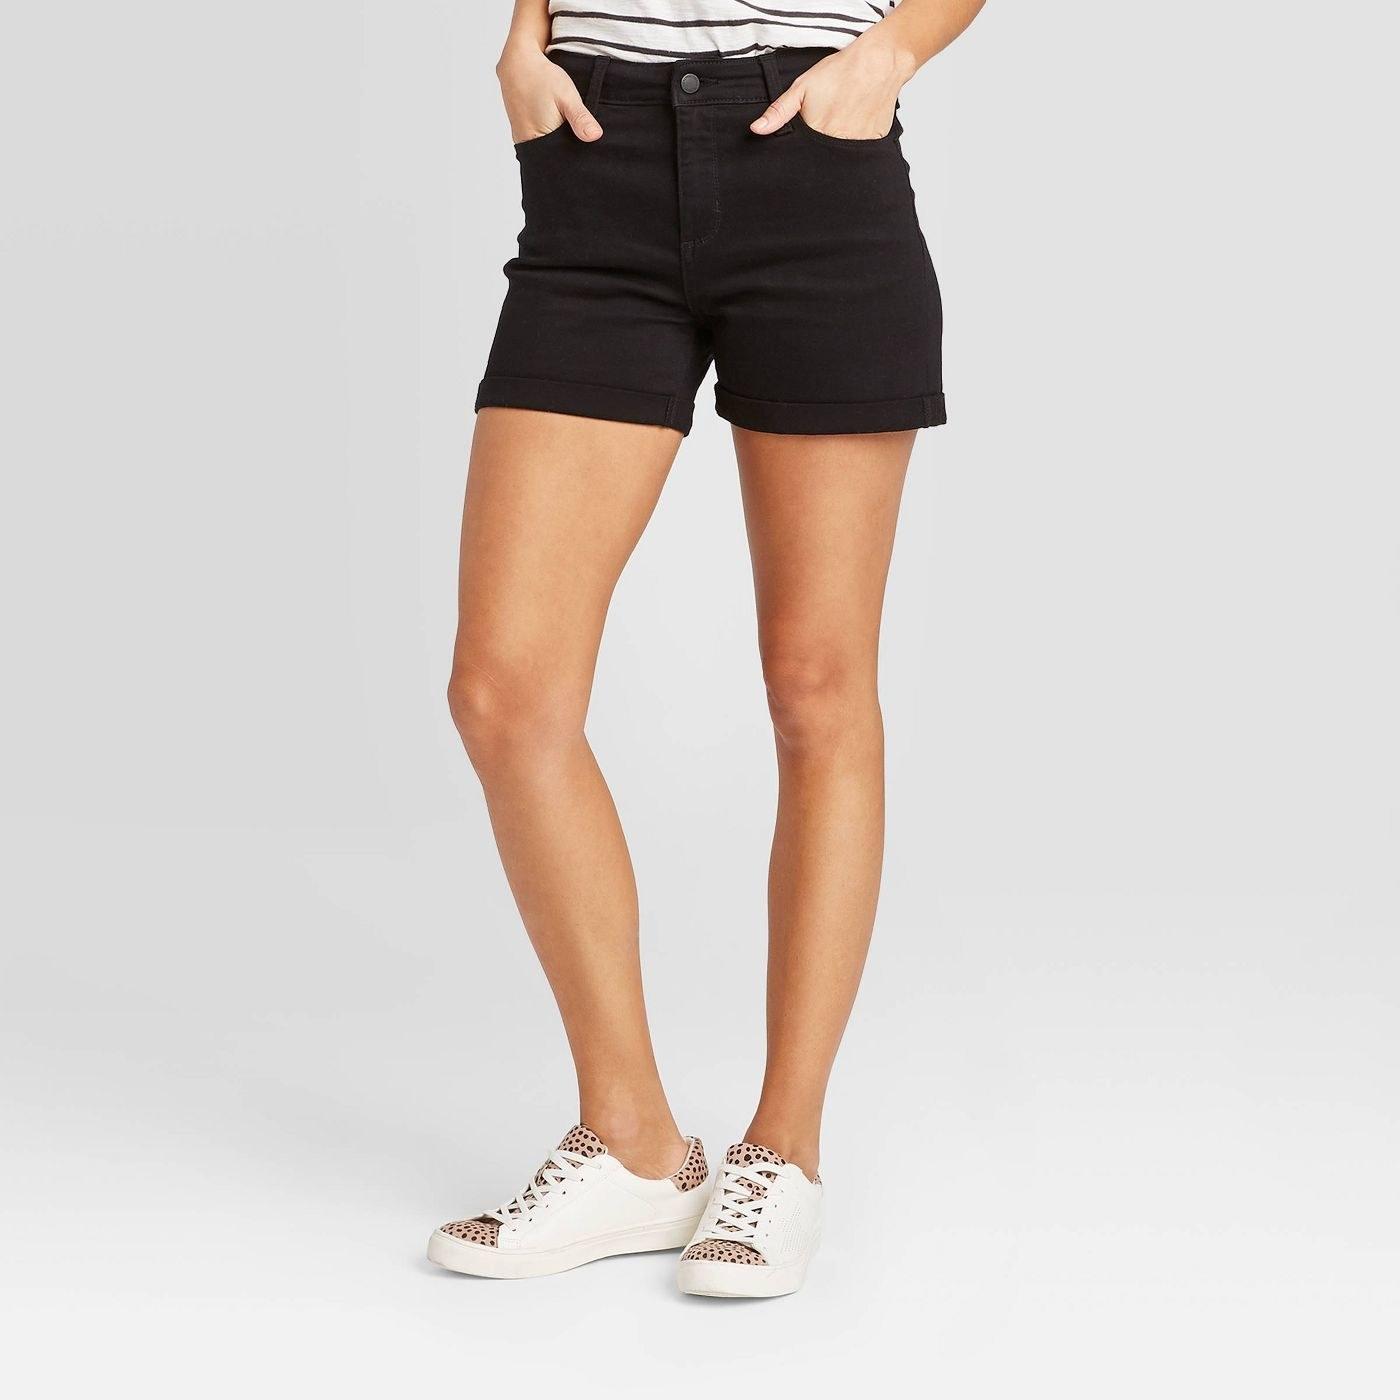 Model in black jean shorts